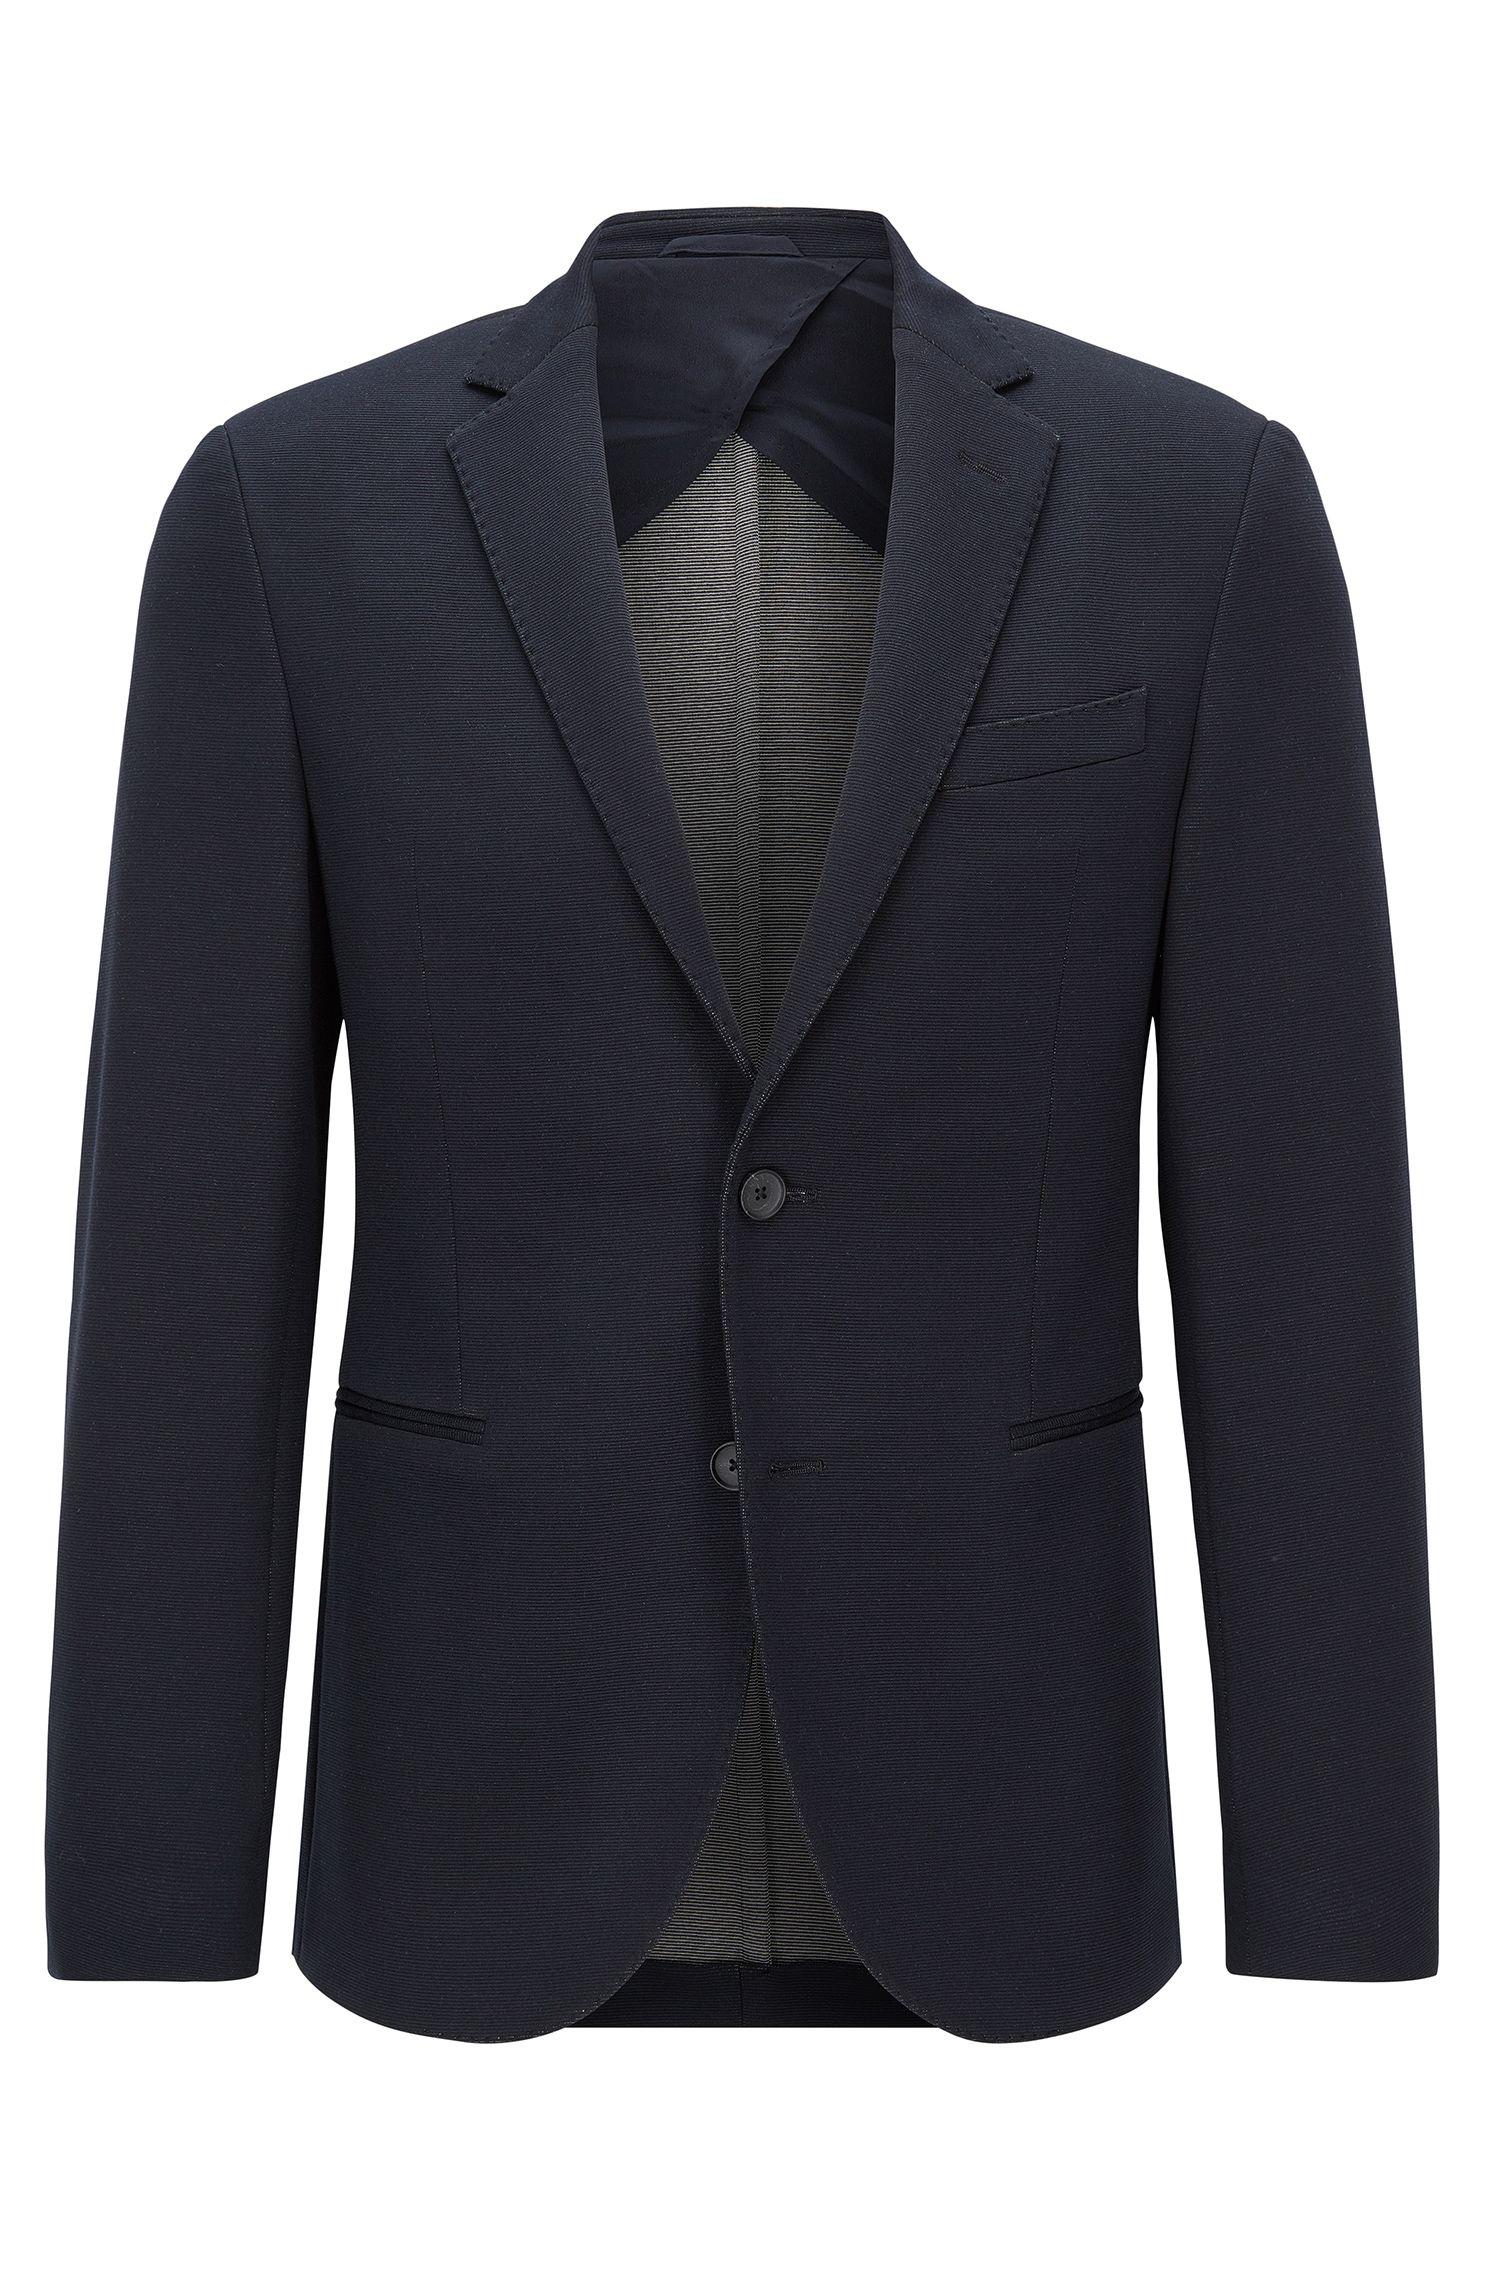 Slim-fit jersey suit jacket